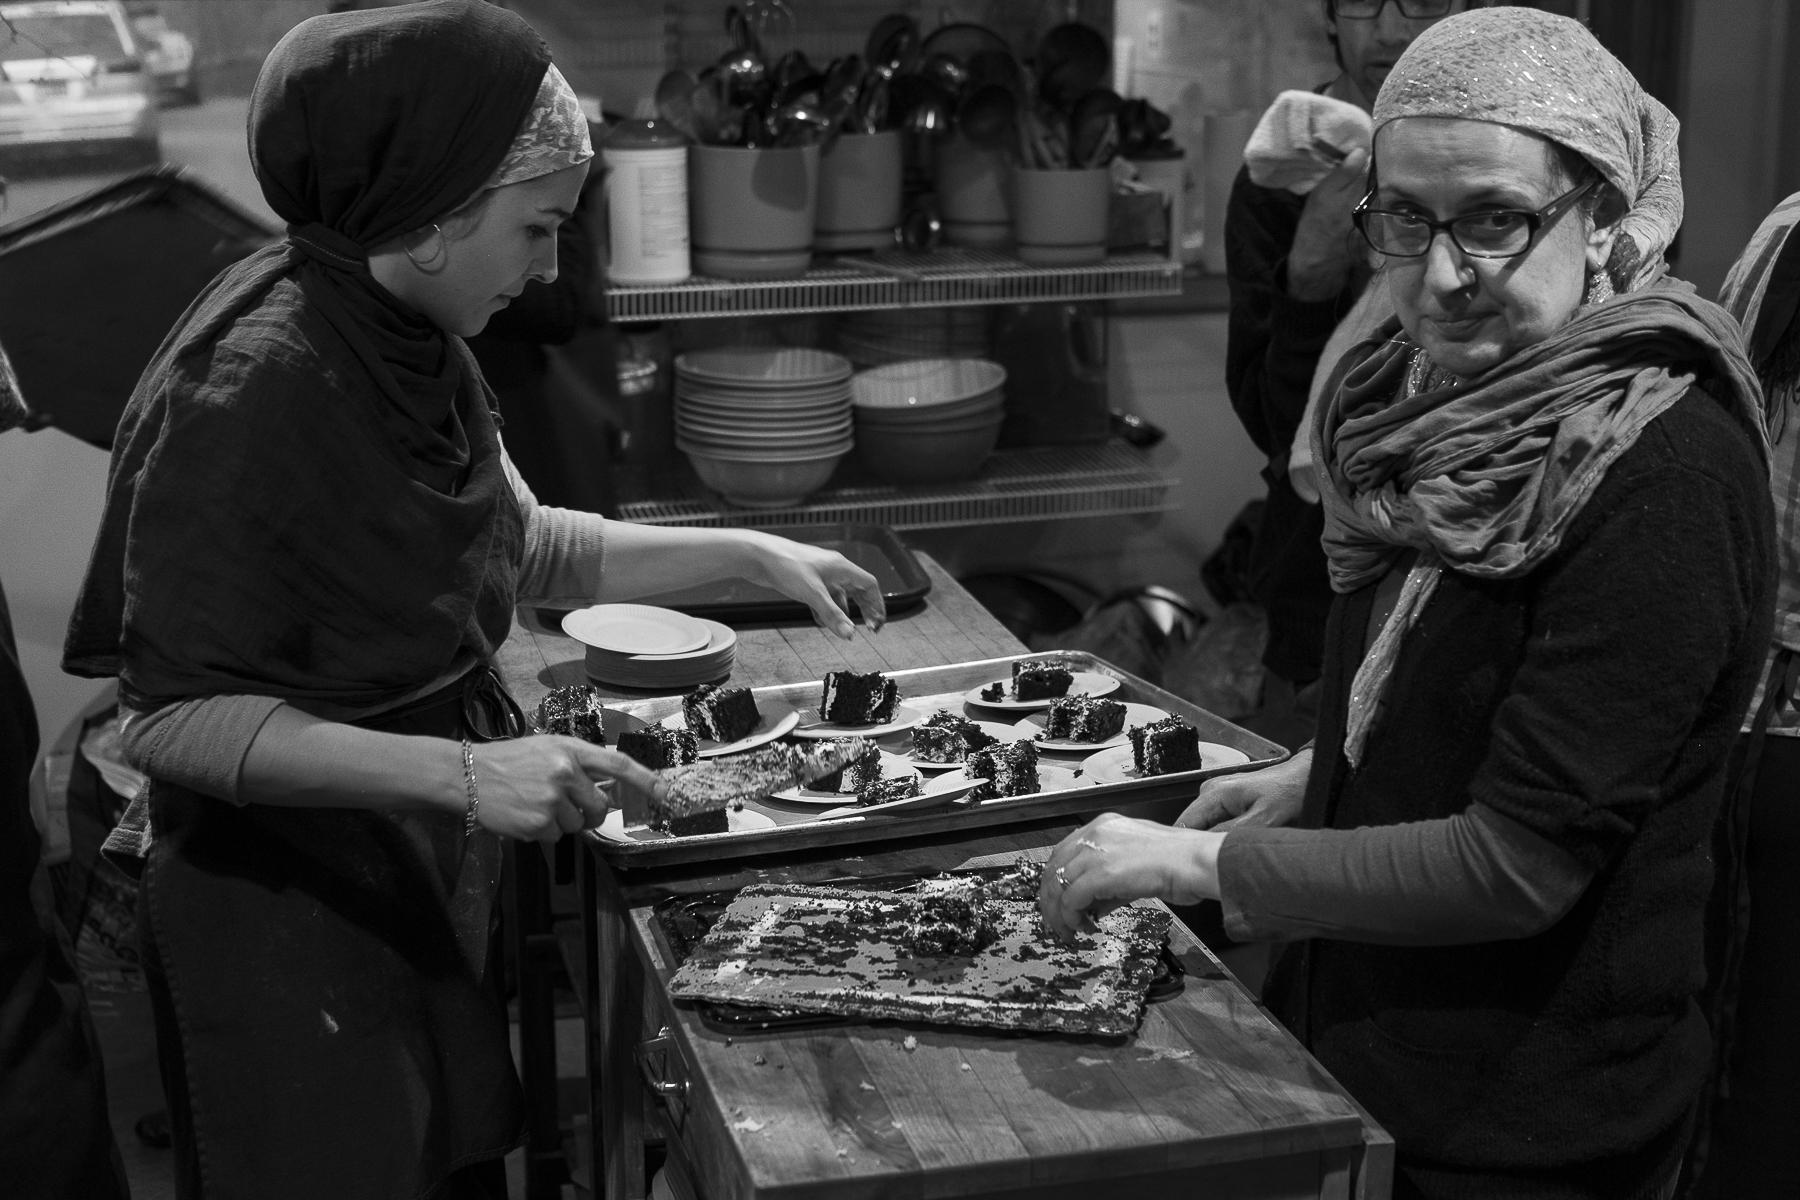 Women prepare and serve dessert